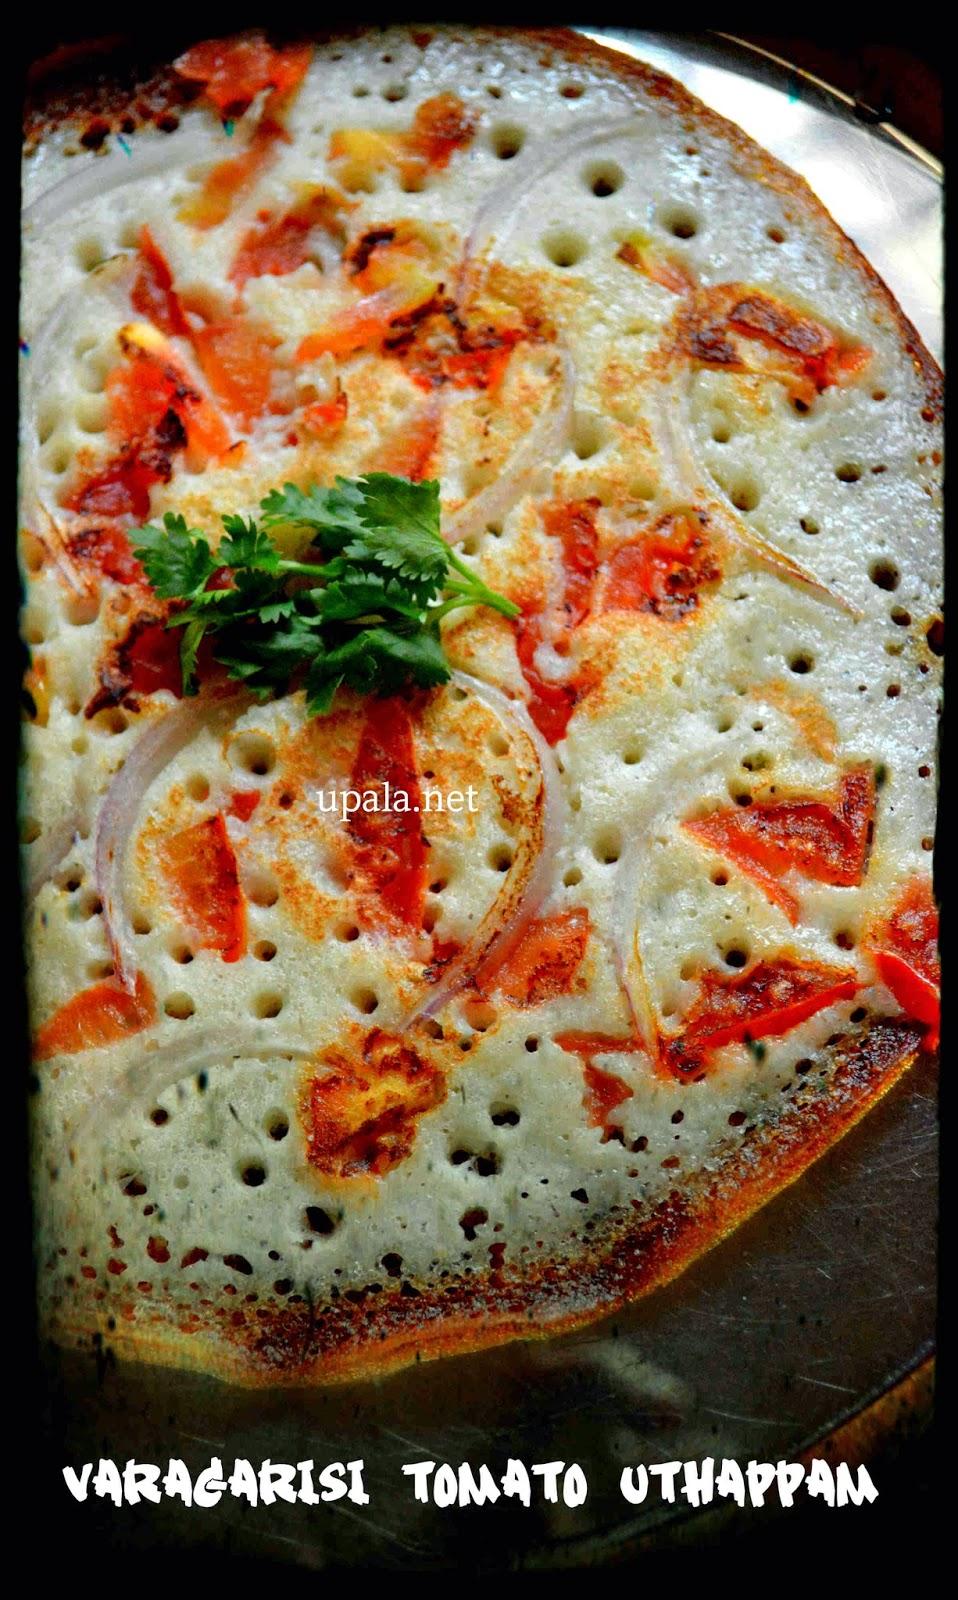 varagarisi tomato uthappam